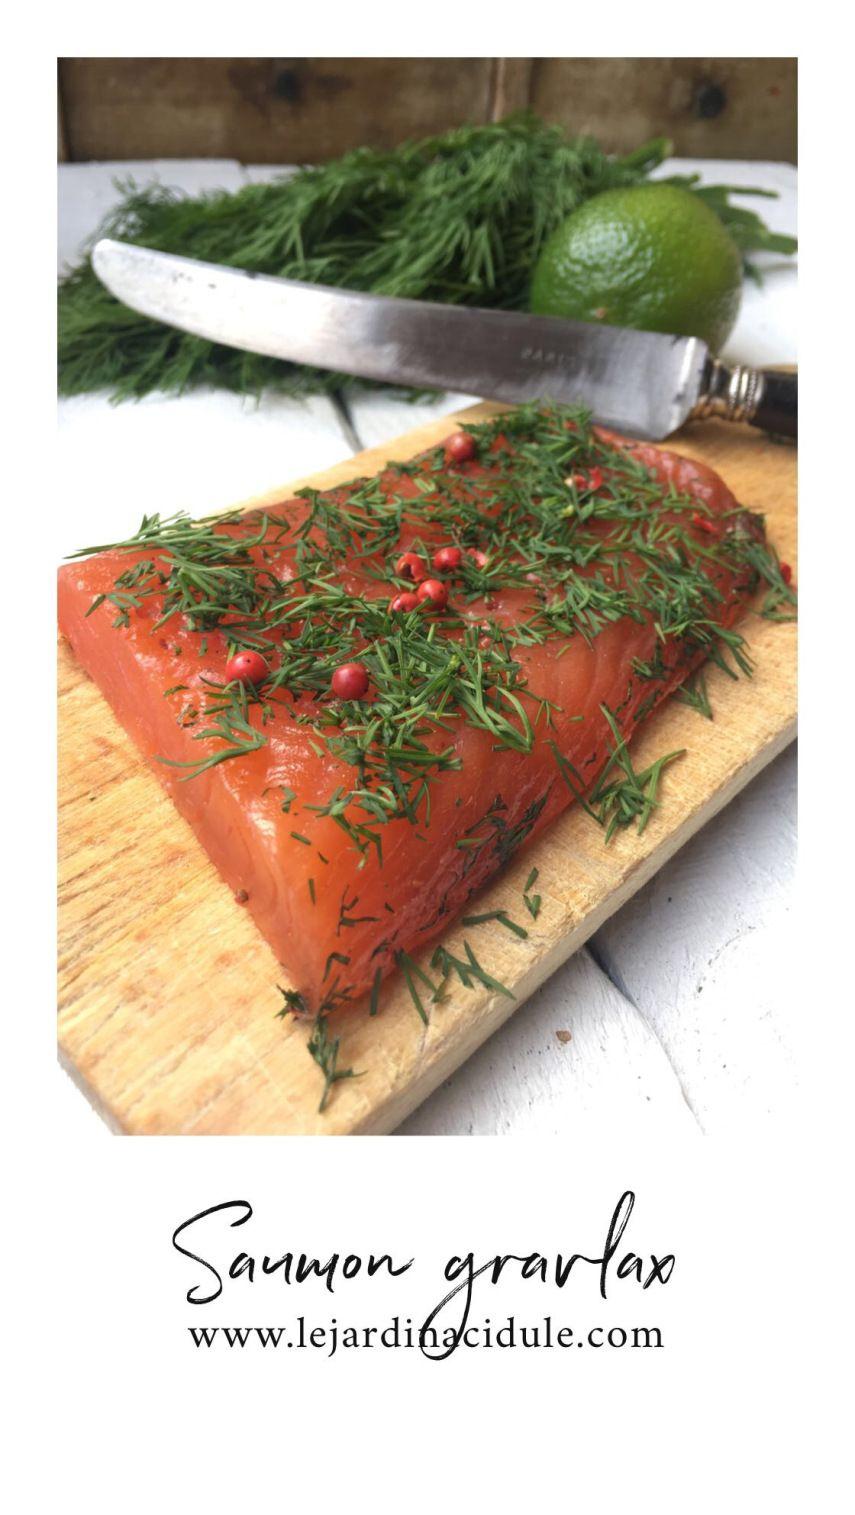 Saumon gravlax - saumon cru mariné à la suédoise. - LE JARDIN ACIDULÉ